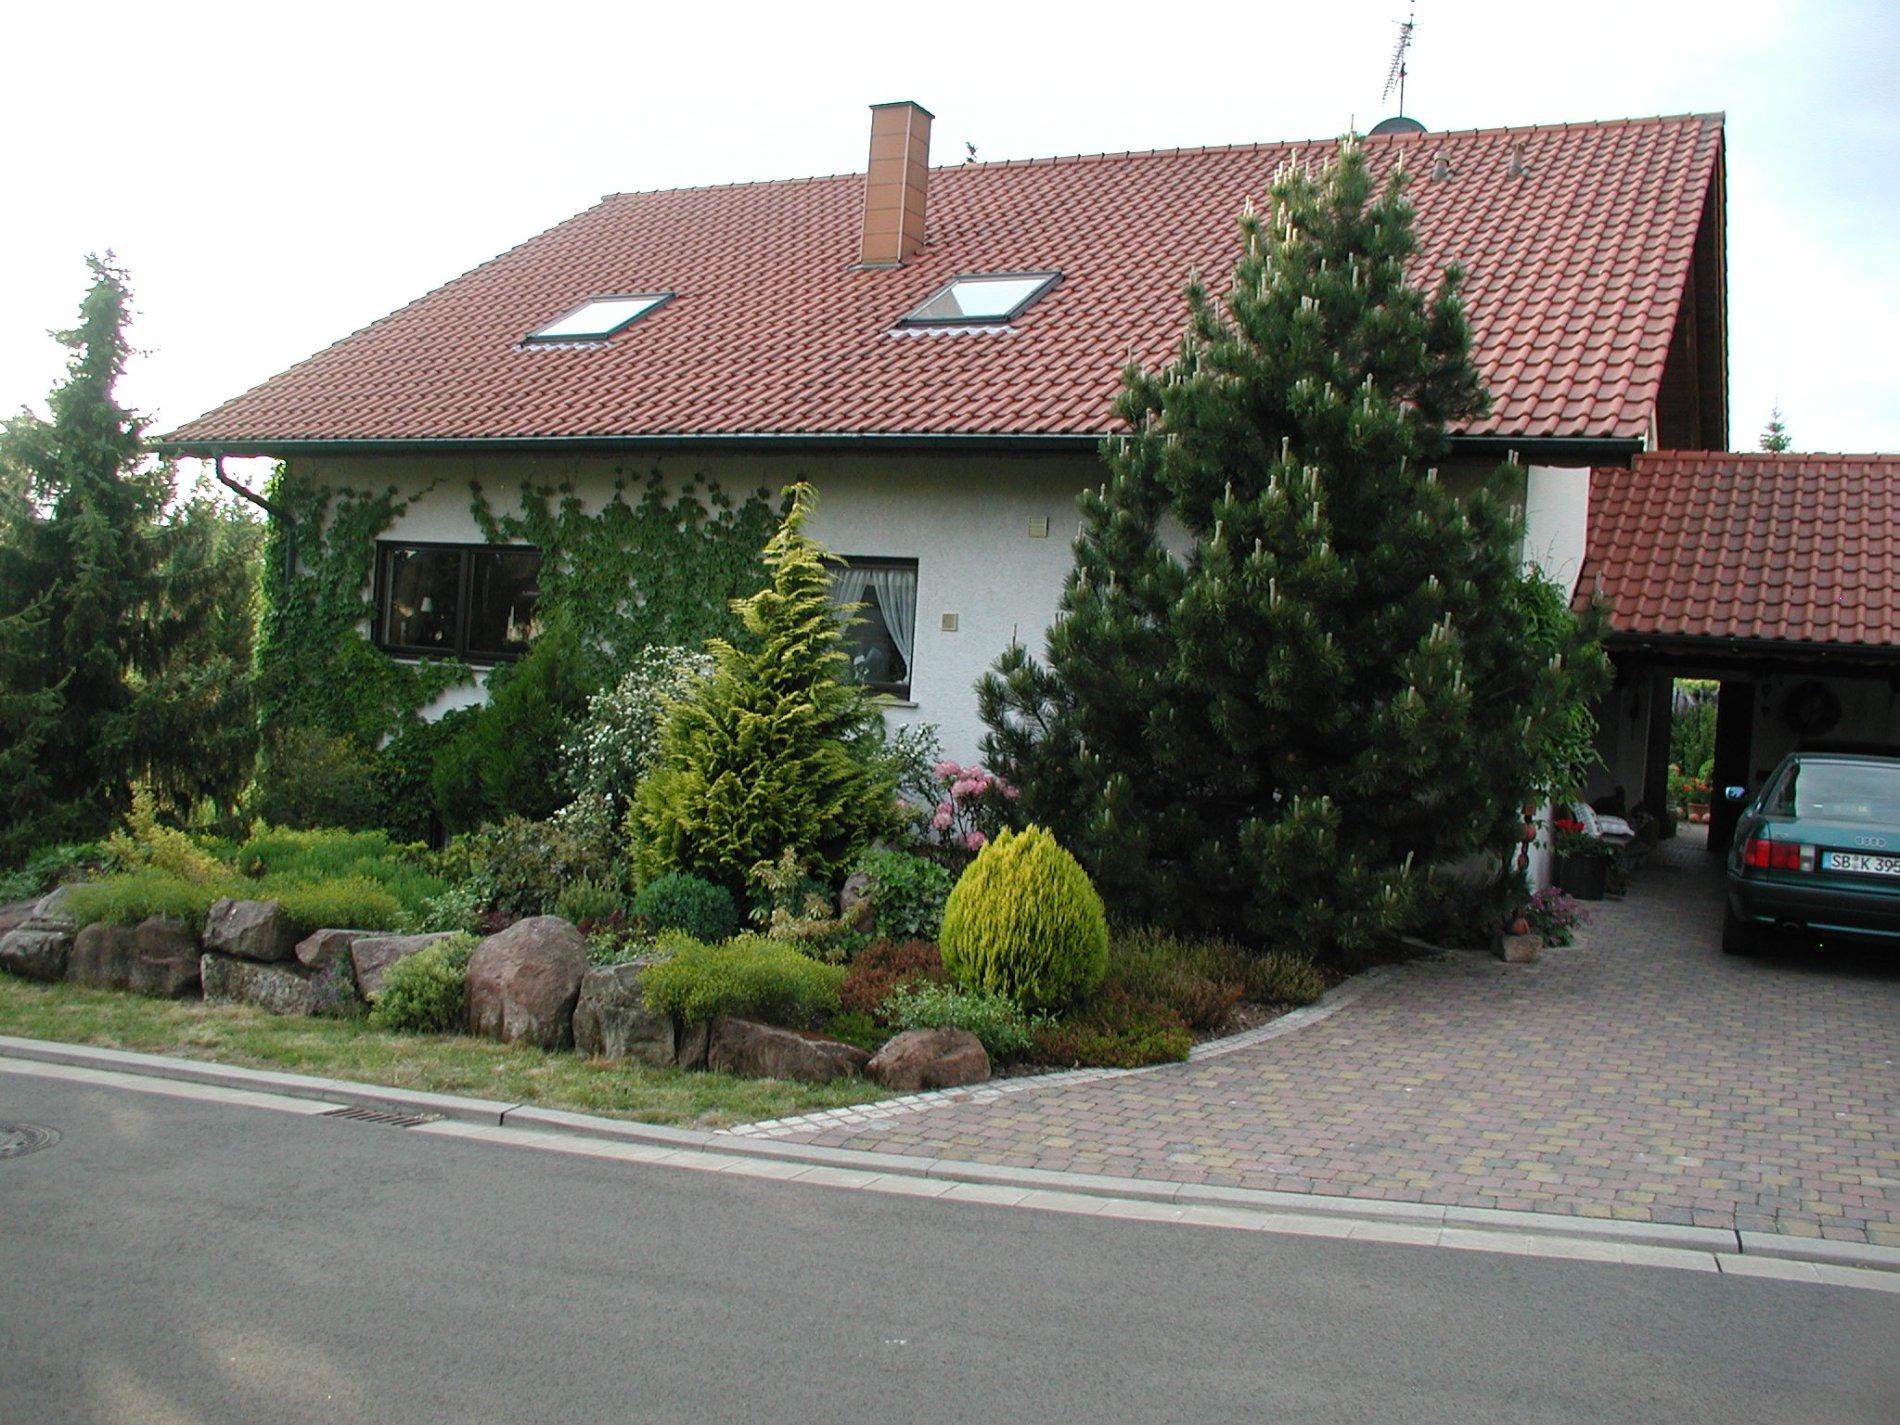 Die Ferienwohnung von außen mit grünem Vorgarten und einer Einfahrt